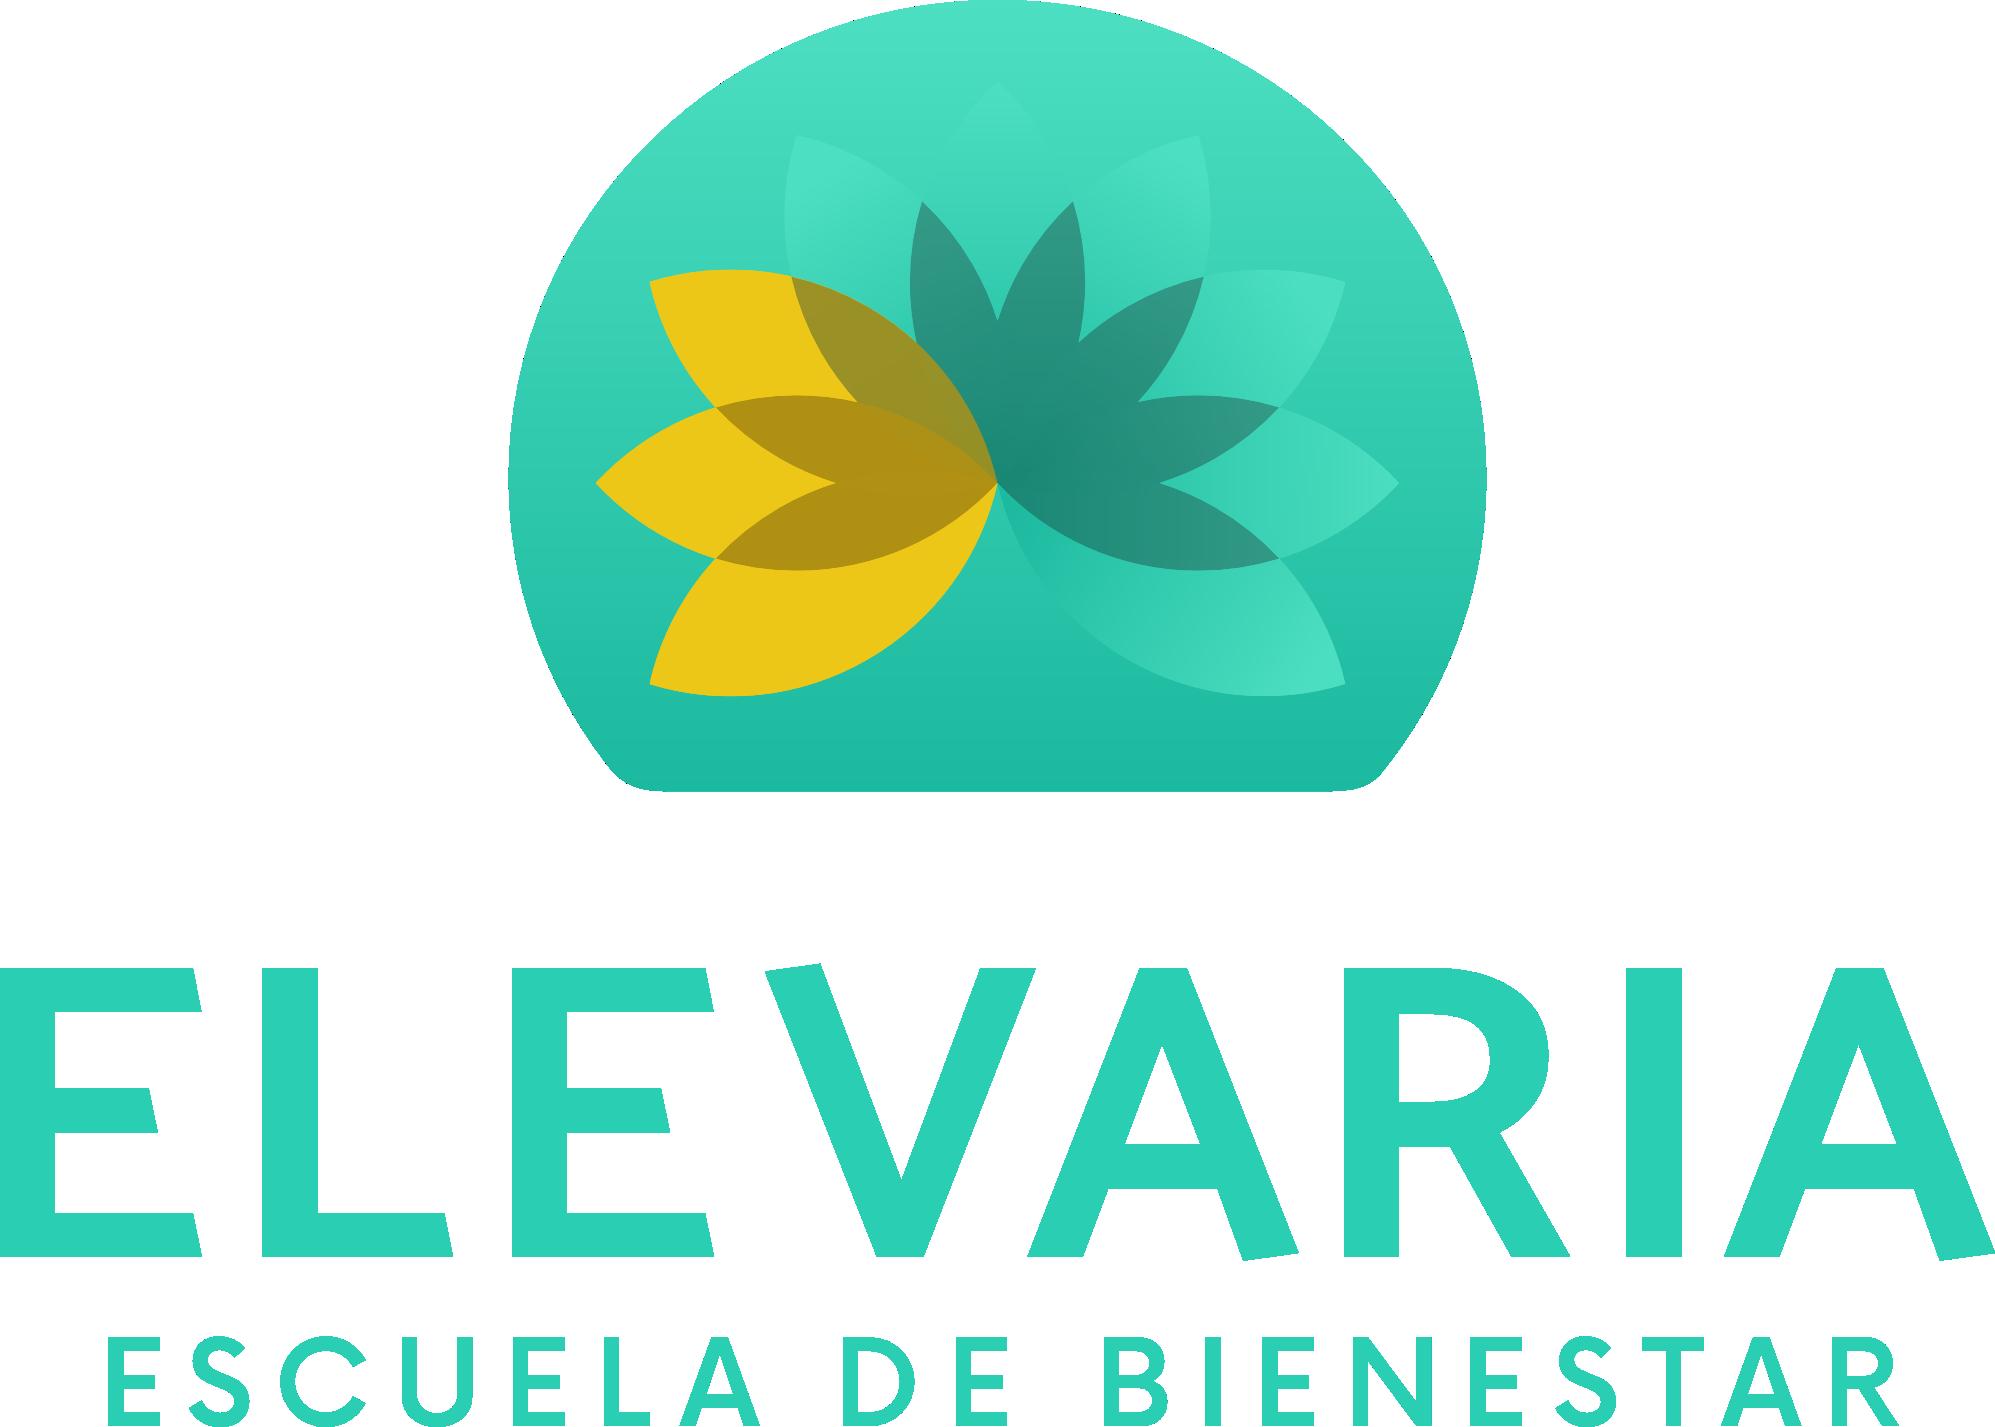 Gracias Elevaria Escuela de Bienestar Fuerteventura